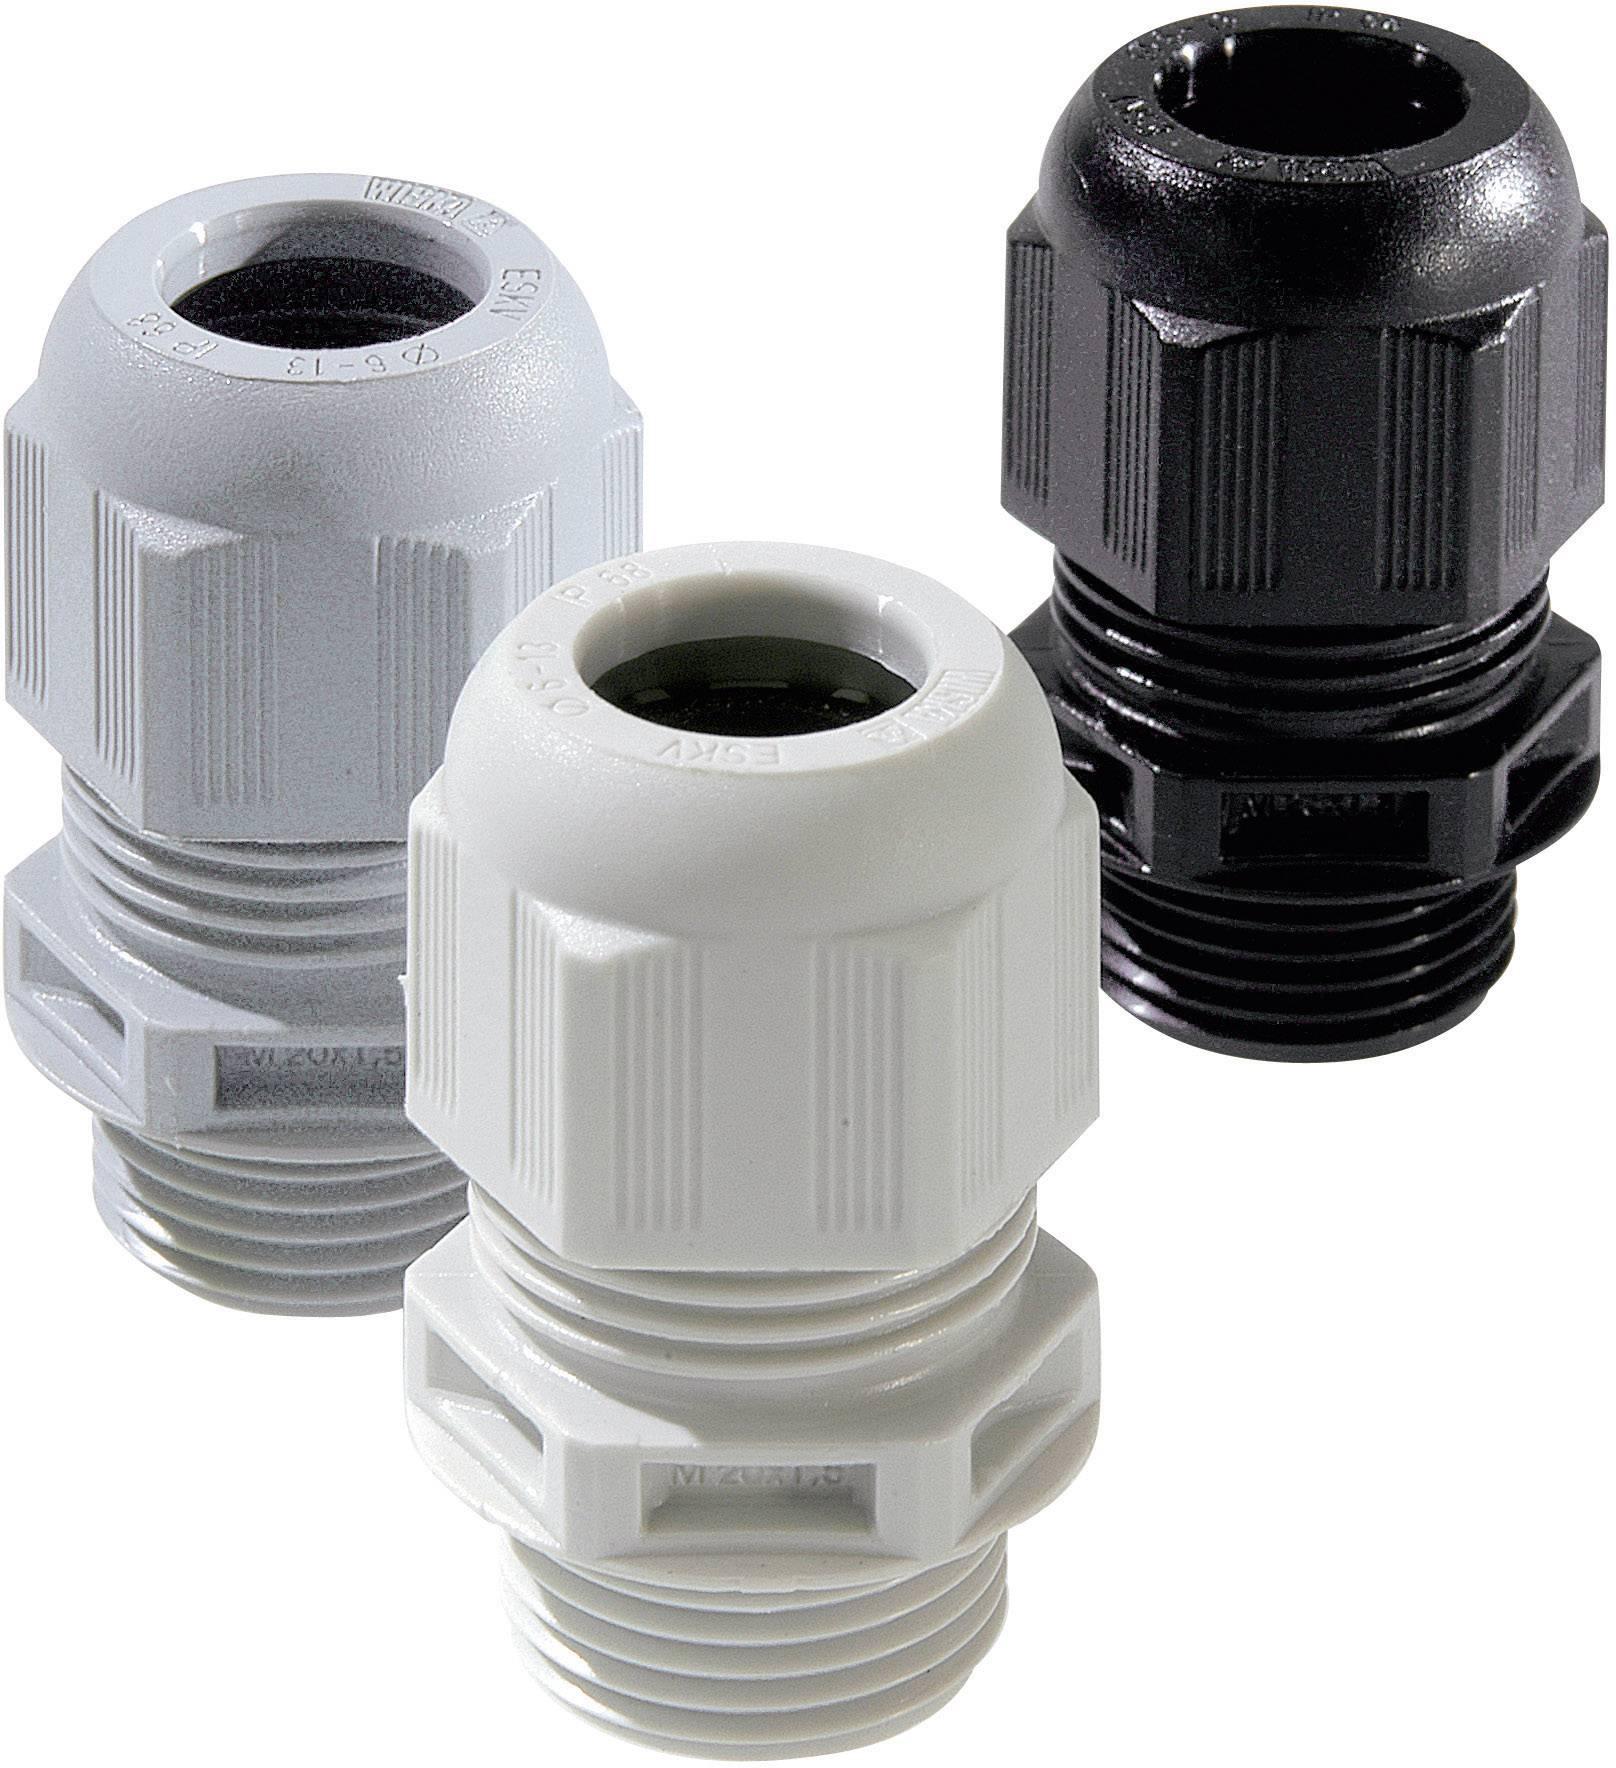 Káblová priechodka Wiska ESKV M20 RAL 9005, polyamid, čierna, 1 ks